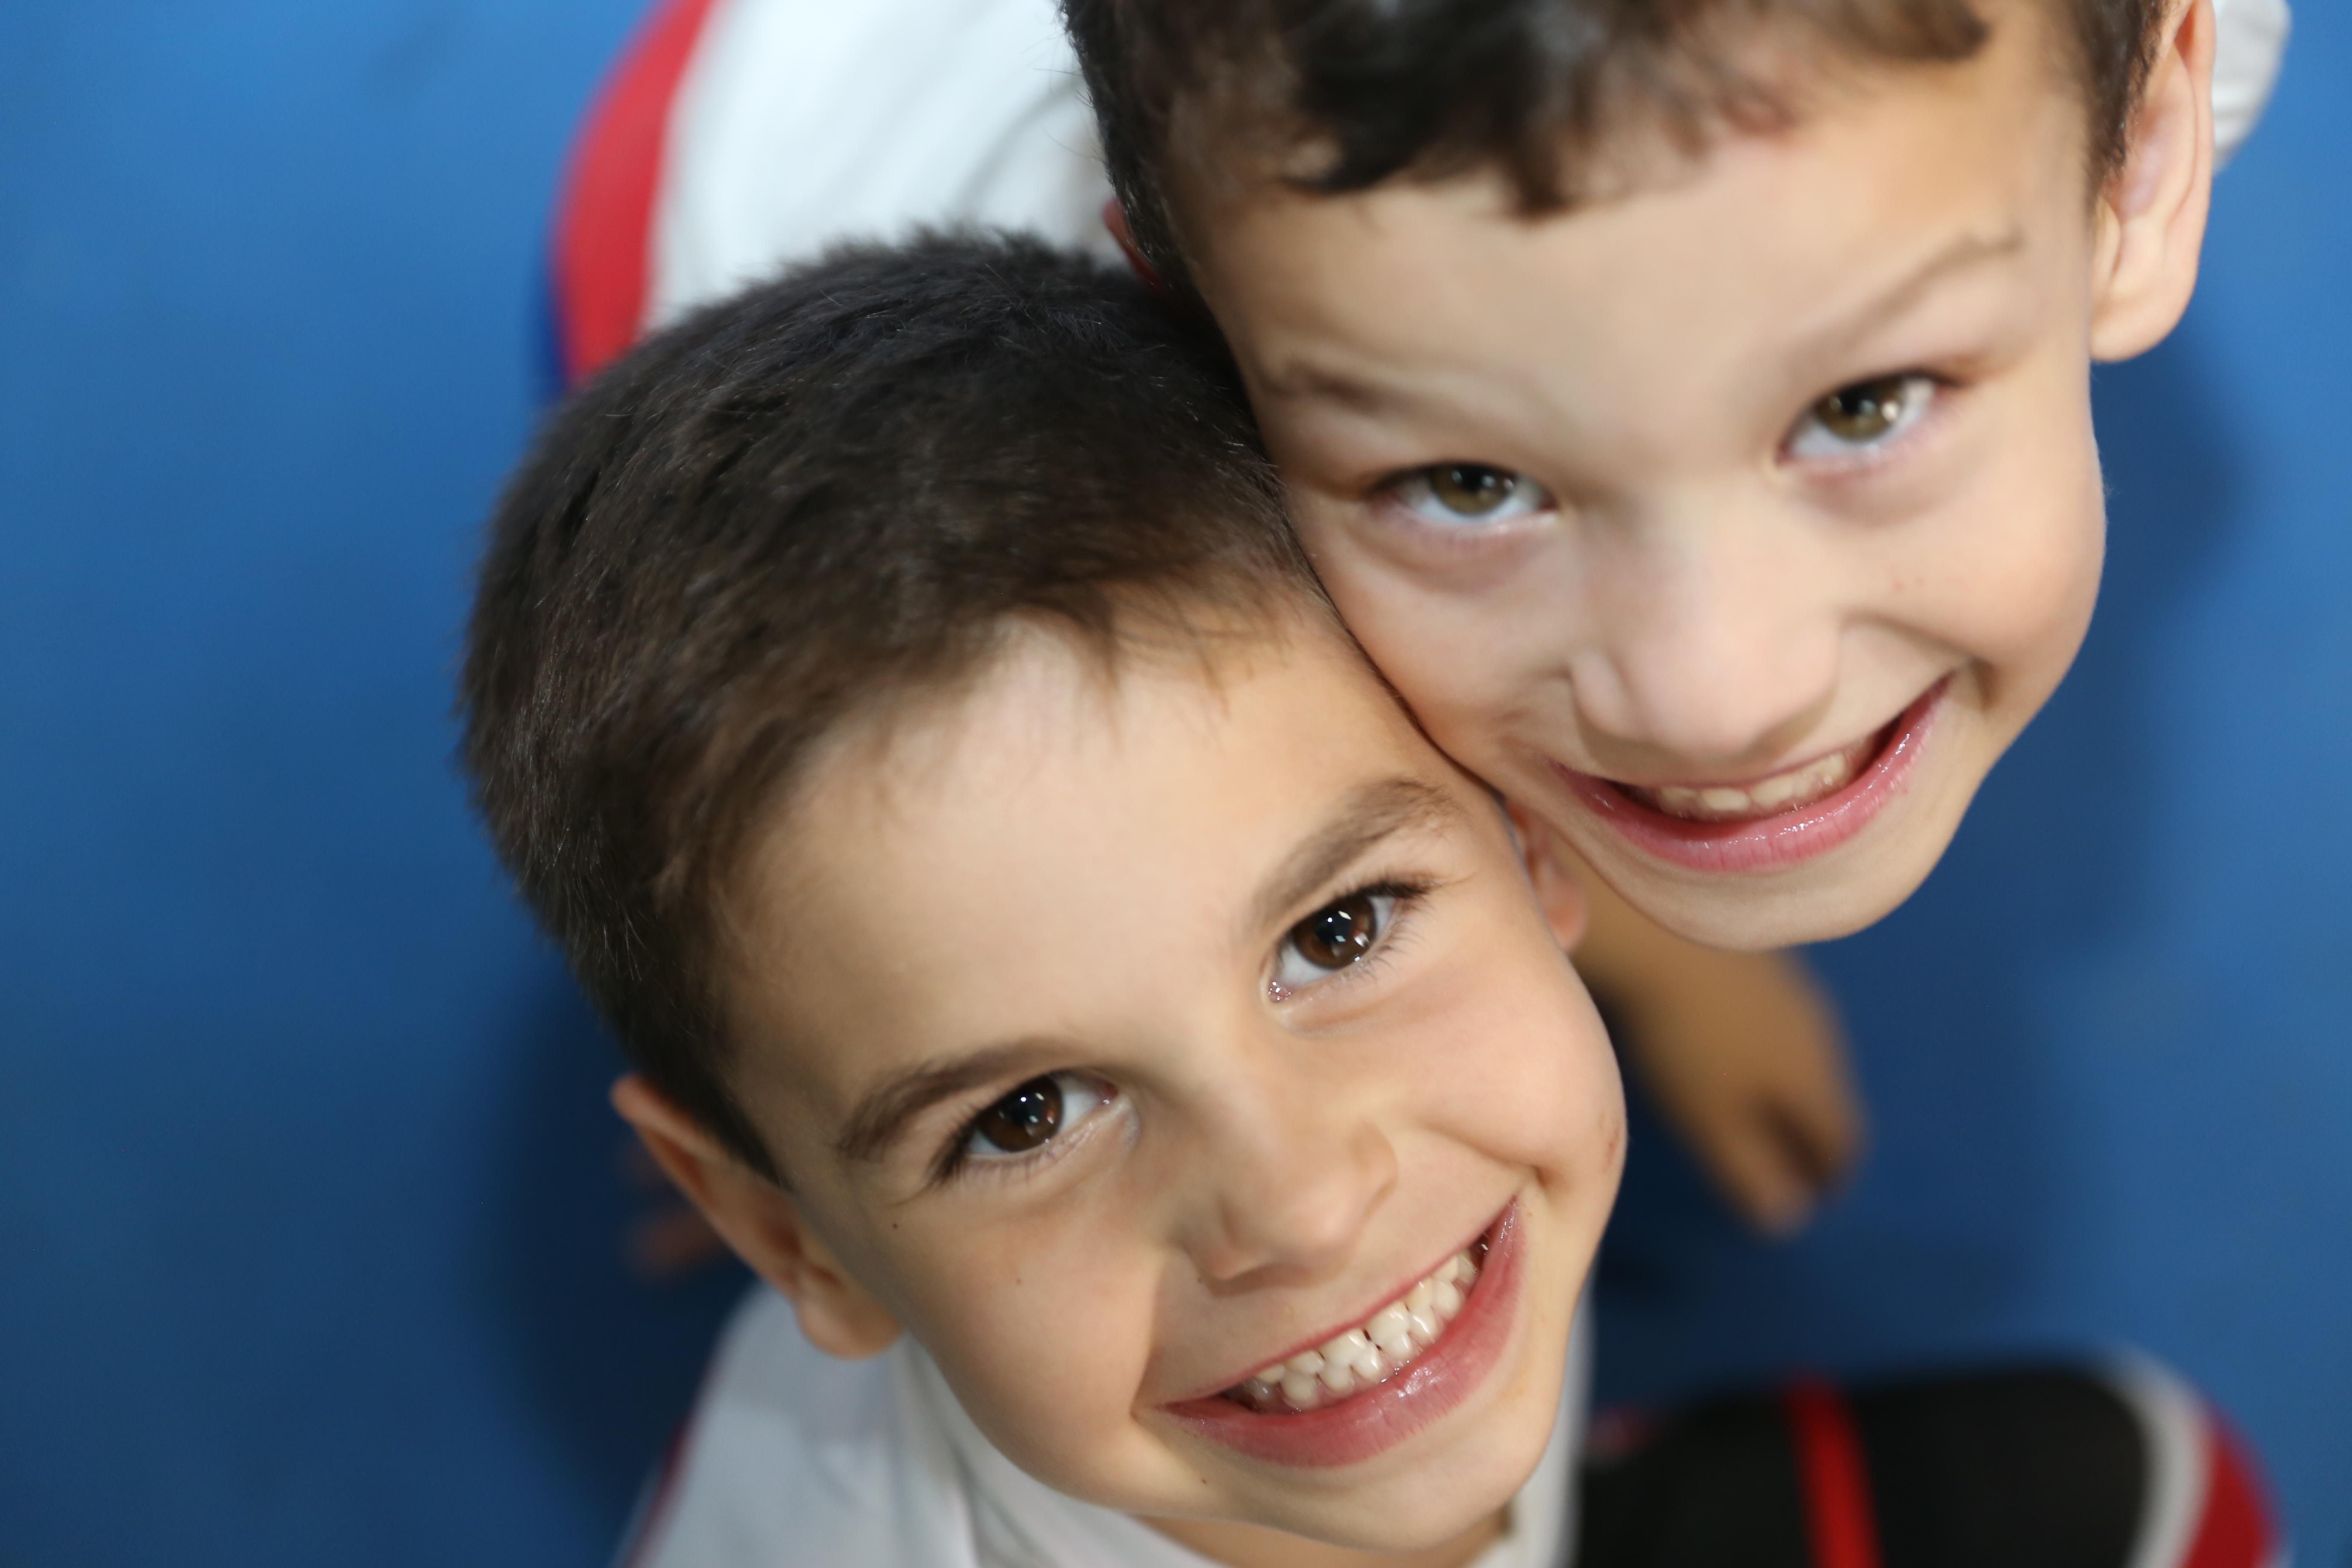 Foto Rotina Escolar Aula de Judô